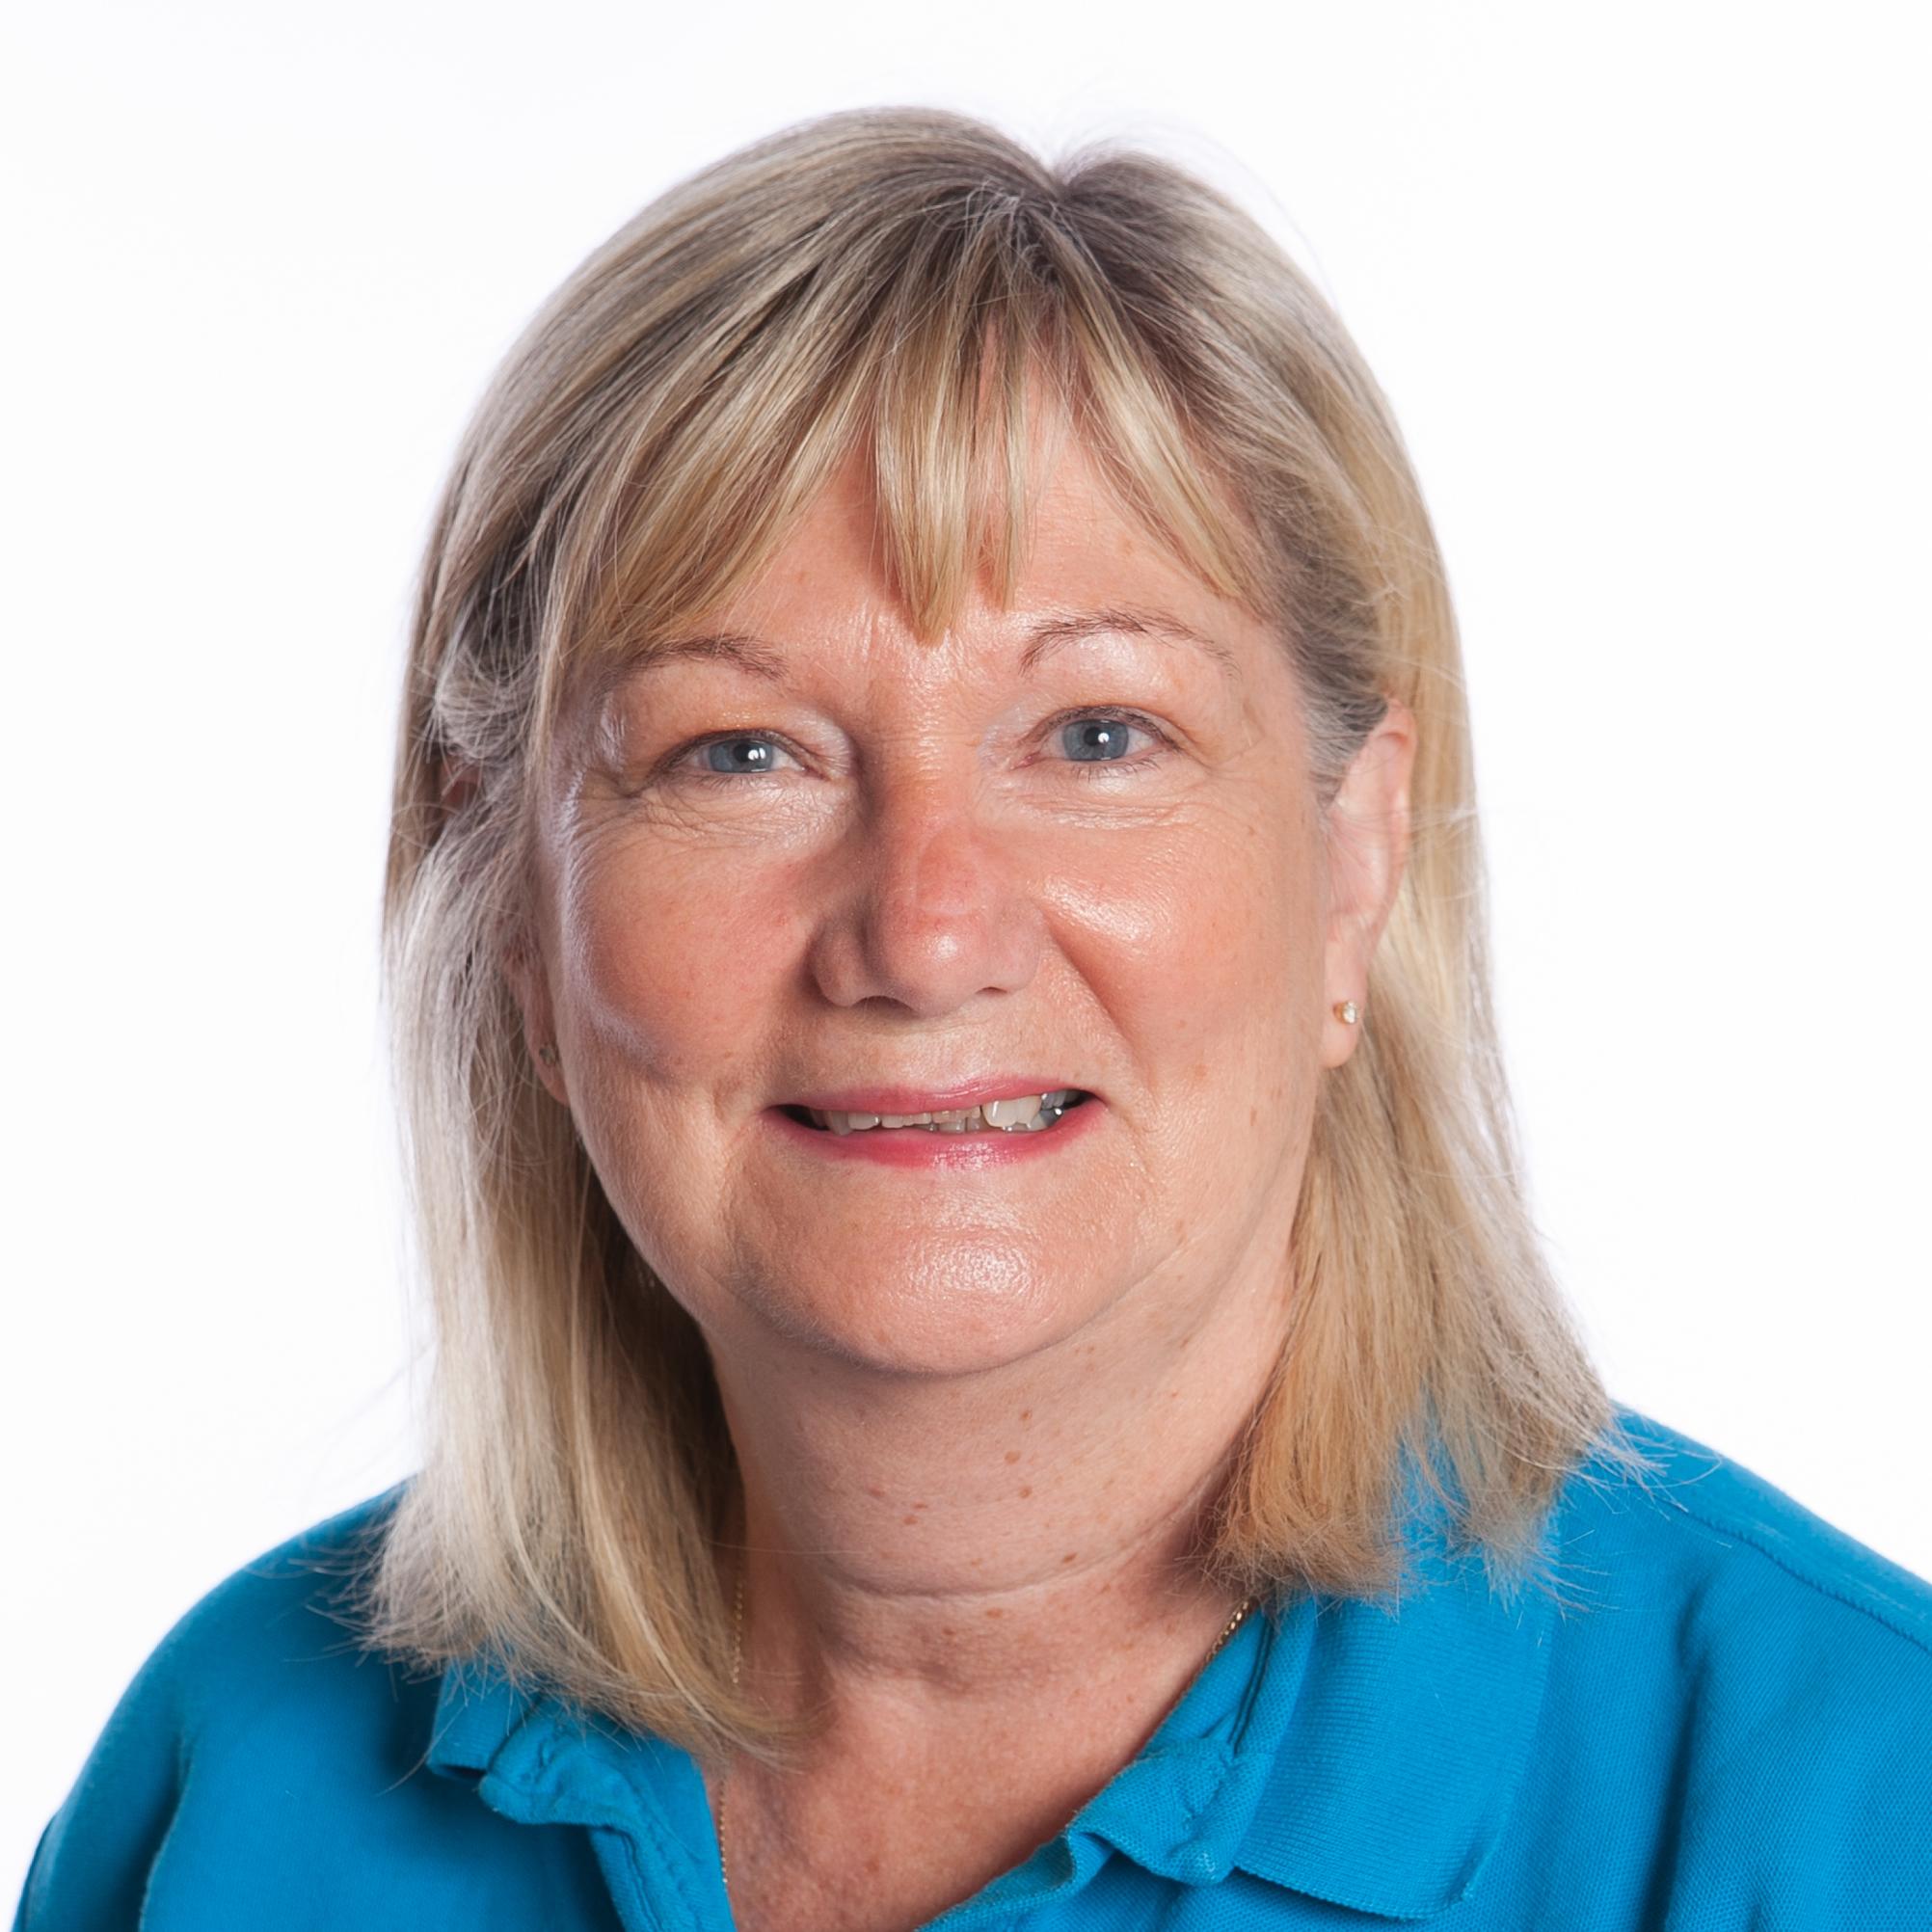 Kaye Emberton